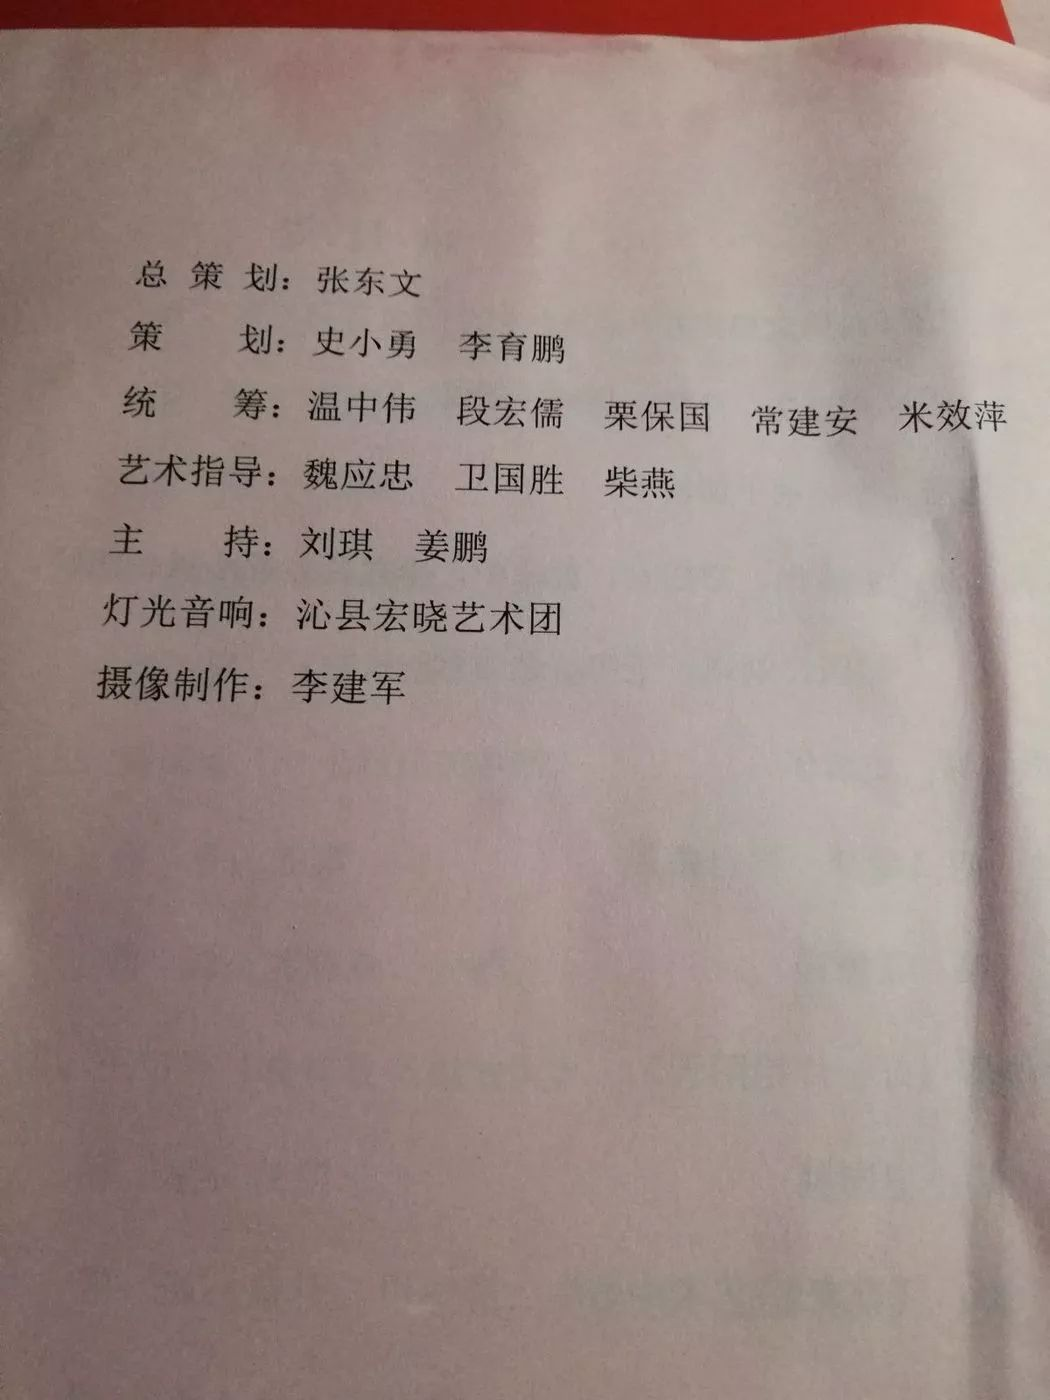 [中学联盟]山西省长治市沁县中学2015-2016学年高二... - 豆丁网